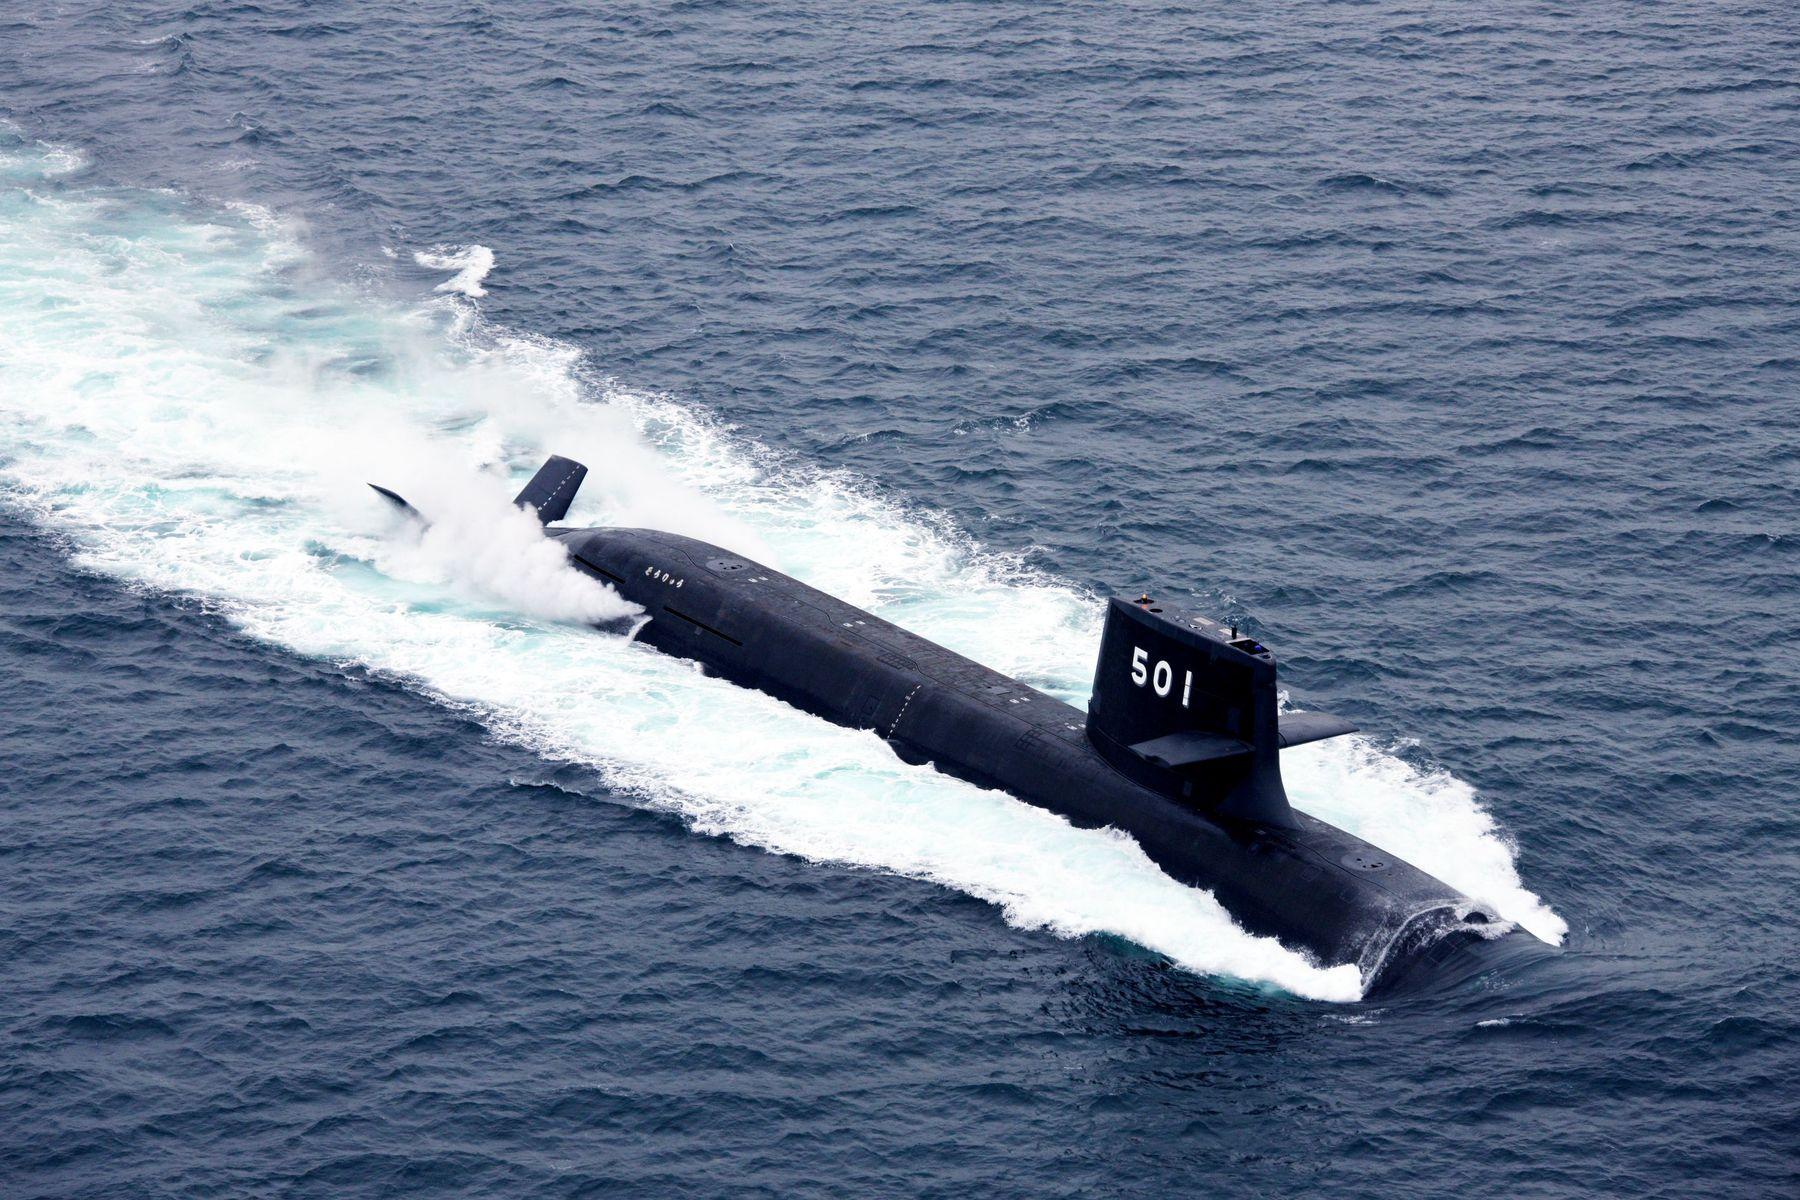 潜水艦の時代は終わる? 英国議会報告書が警告